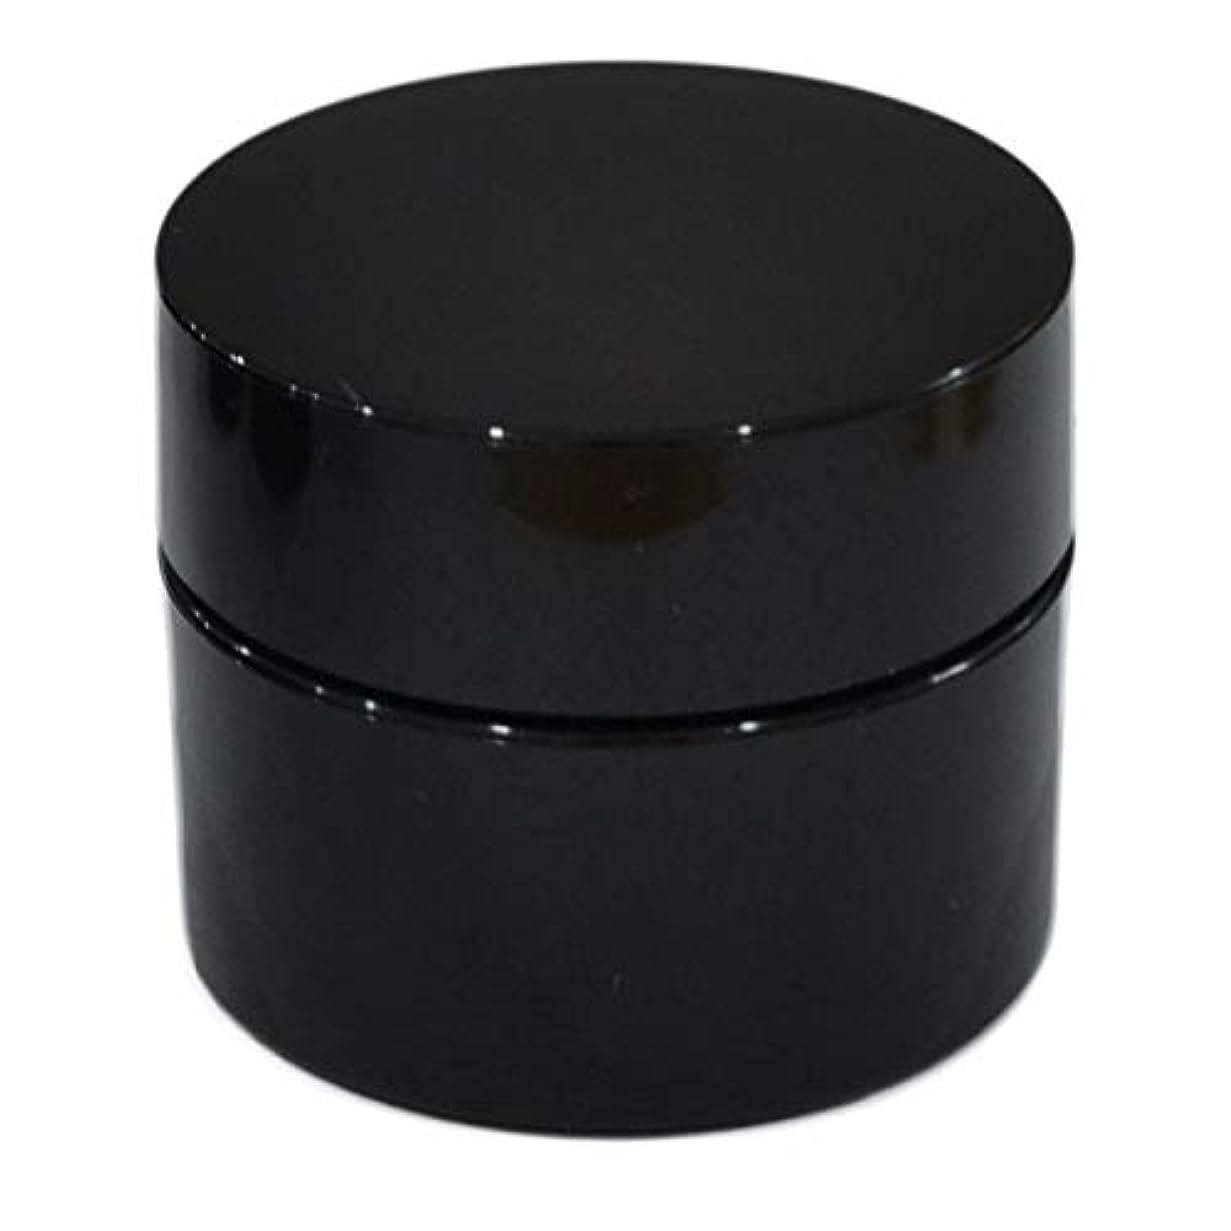 現れるメッセージ器用純国産ネイルジェル用コンテナ 10g用GA10g 漏れ防止パッキン&ブラシプレート付容器 ジェルを無駄なく使える底面傾斜あり 遮光 黒 ブラック